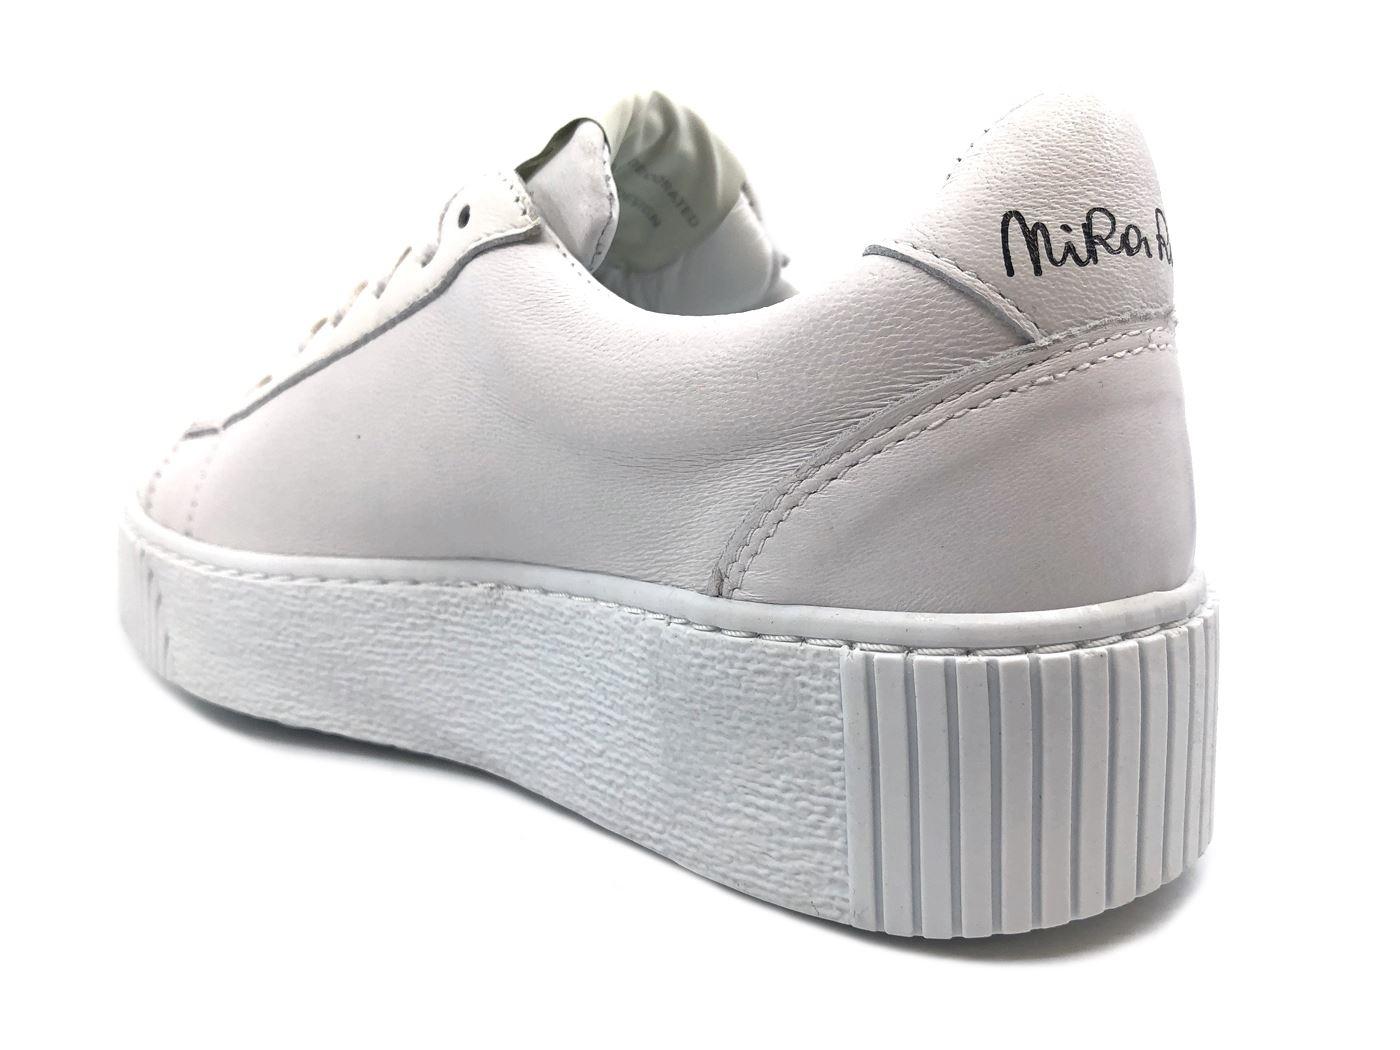 NIRA RUBENS COST15 baskets femmes IN IN IN PELLE blanc MainApps 51bbb2